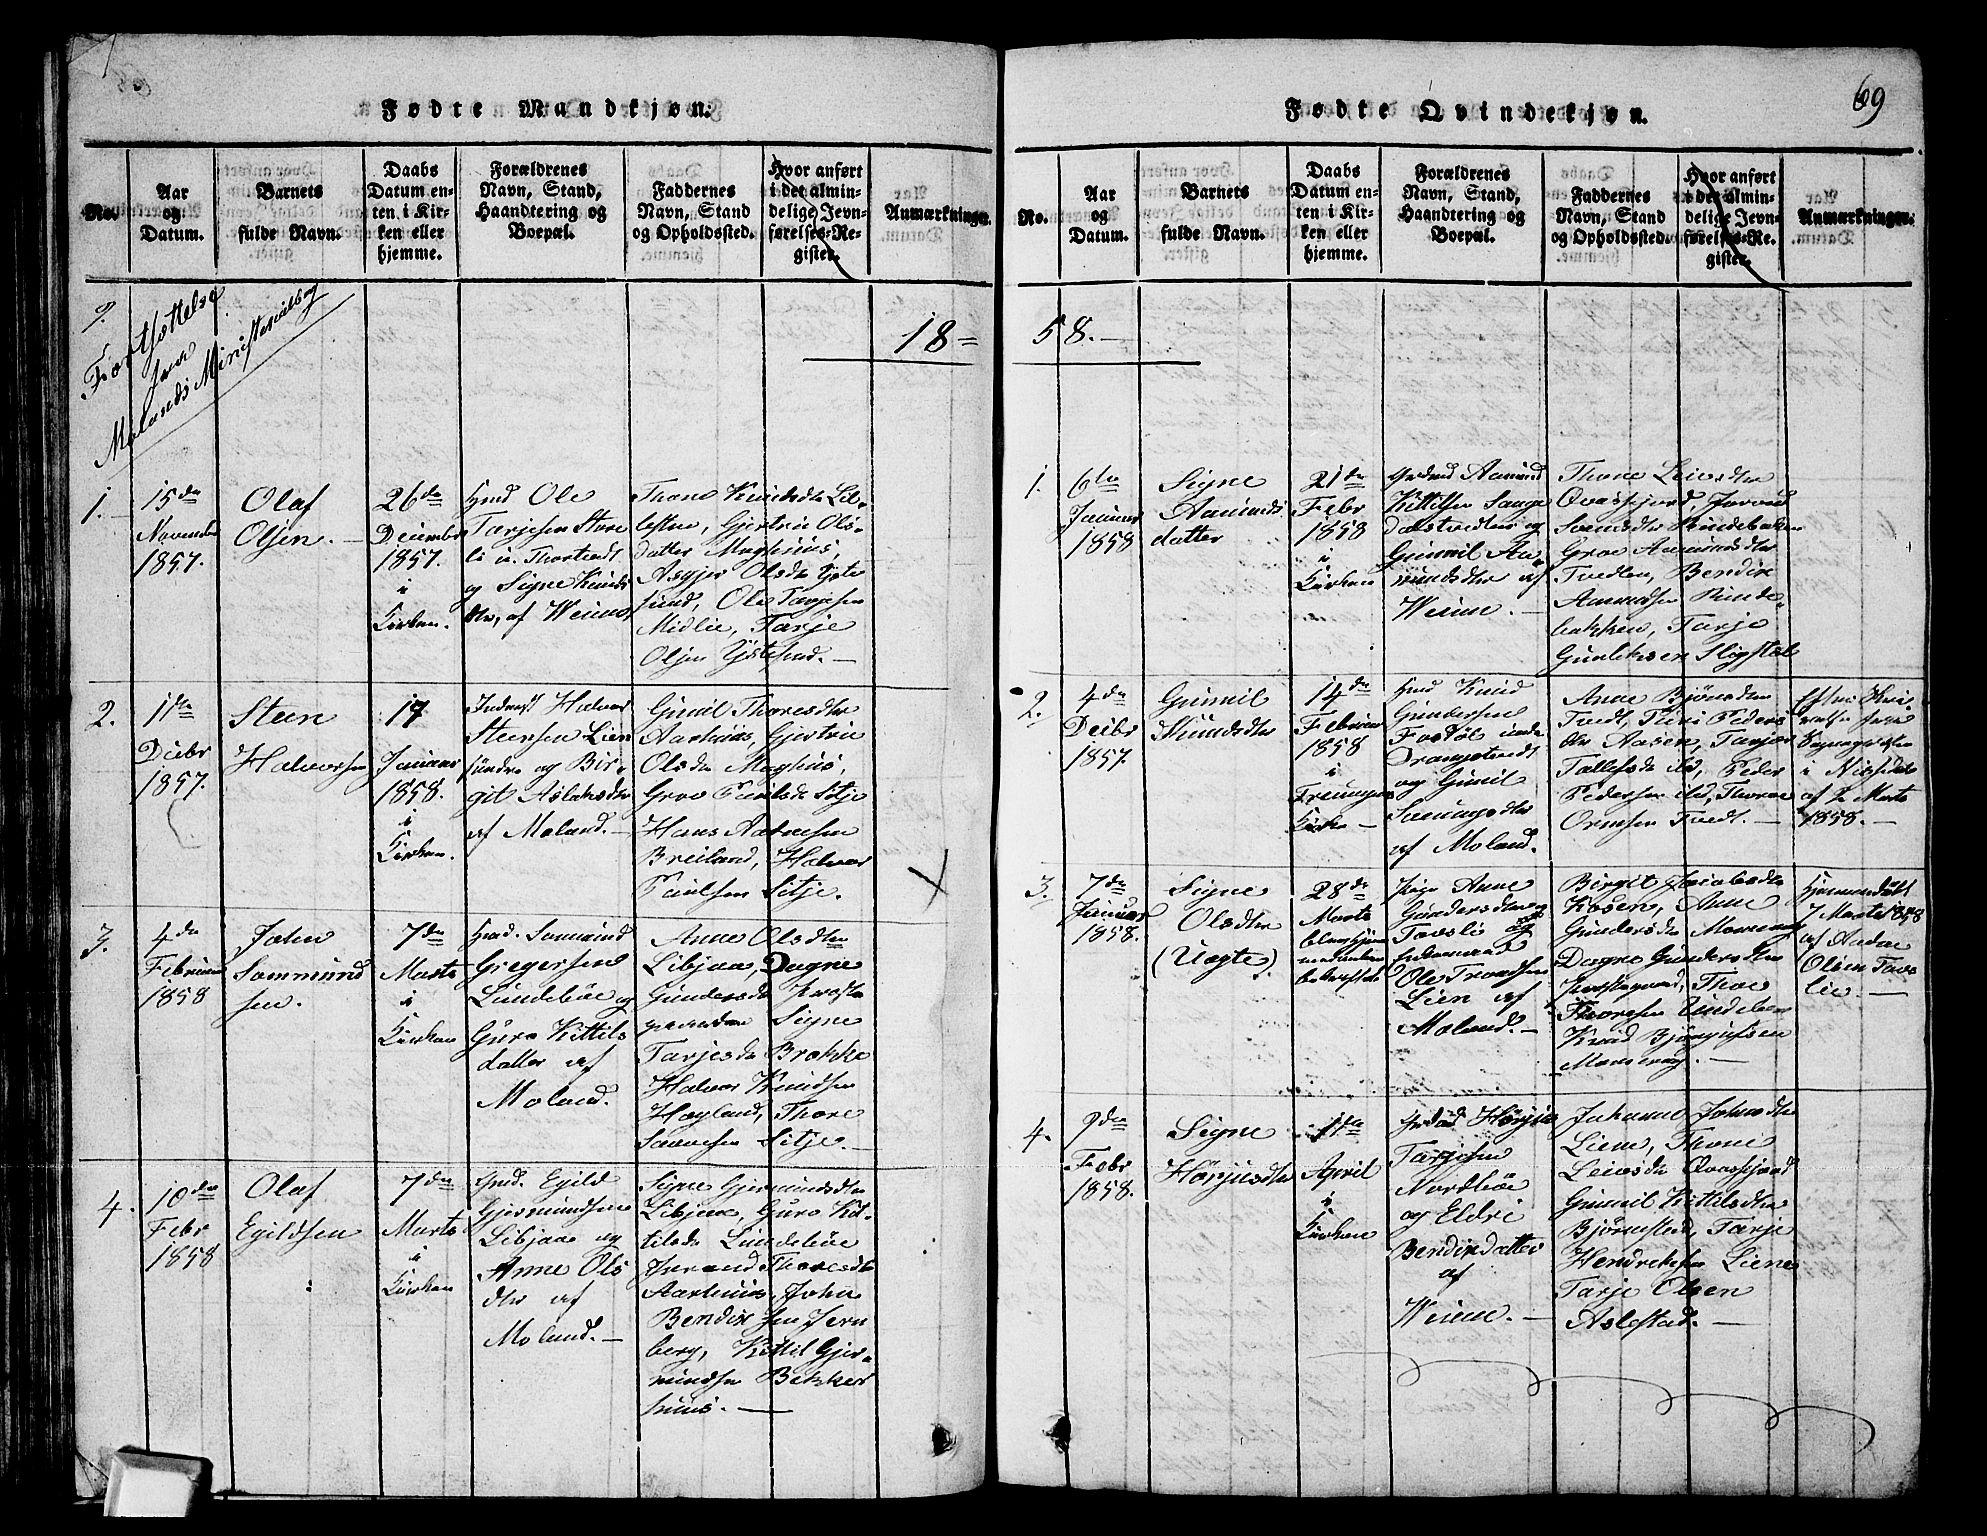 SAKO, Fyresdal kirkebøker, G/Ga/L0003: Klokkerbok nr. I 3, 1815-1863, s. 69